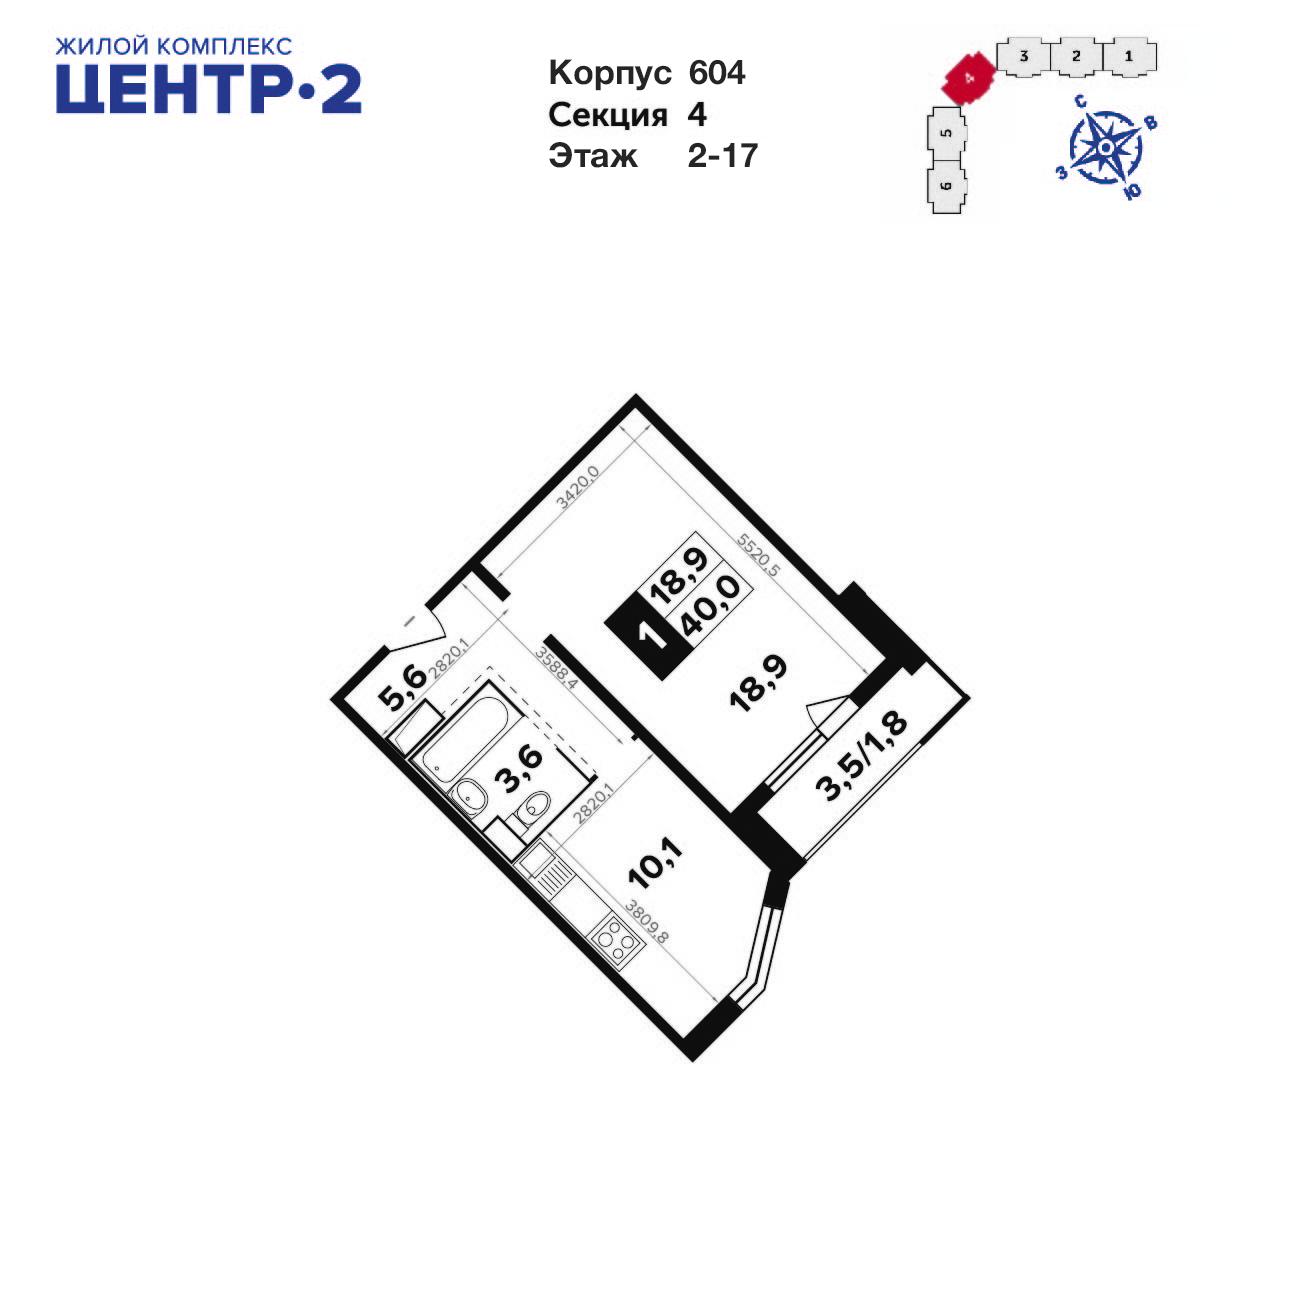 1-комнатная квартира, 39.6м² за 4,4 млн руб.